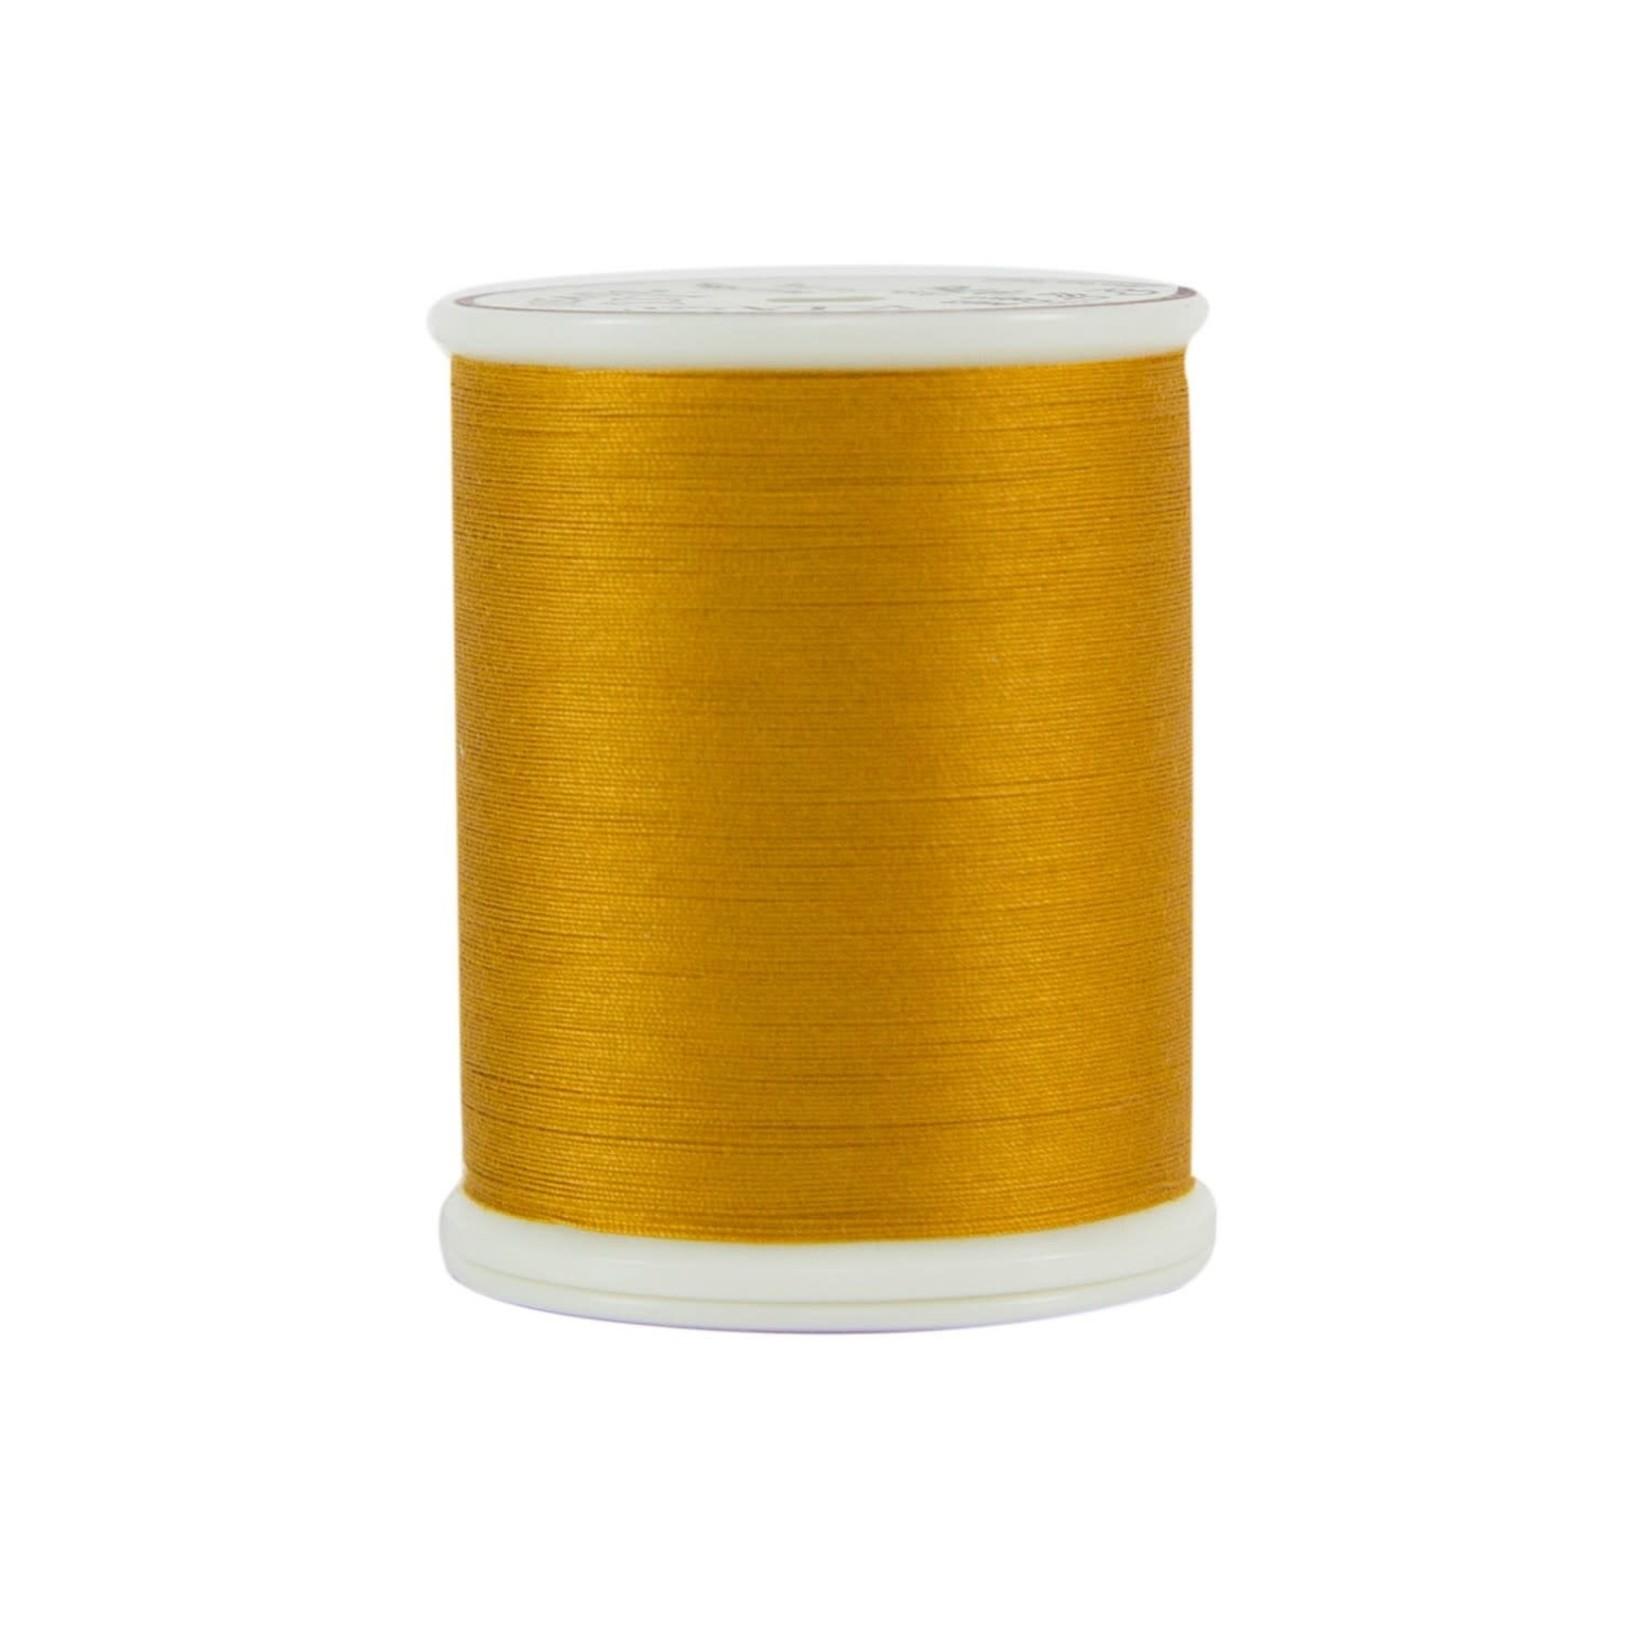 Superior Threads King Tut - #40 - 457 m - 0976 Olde Golde